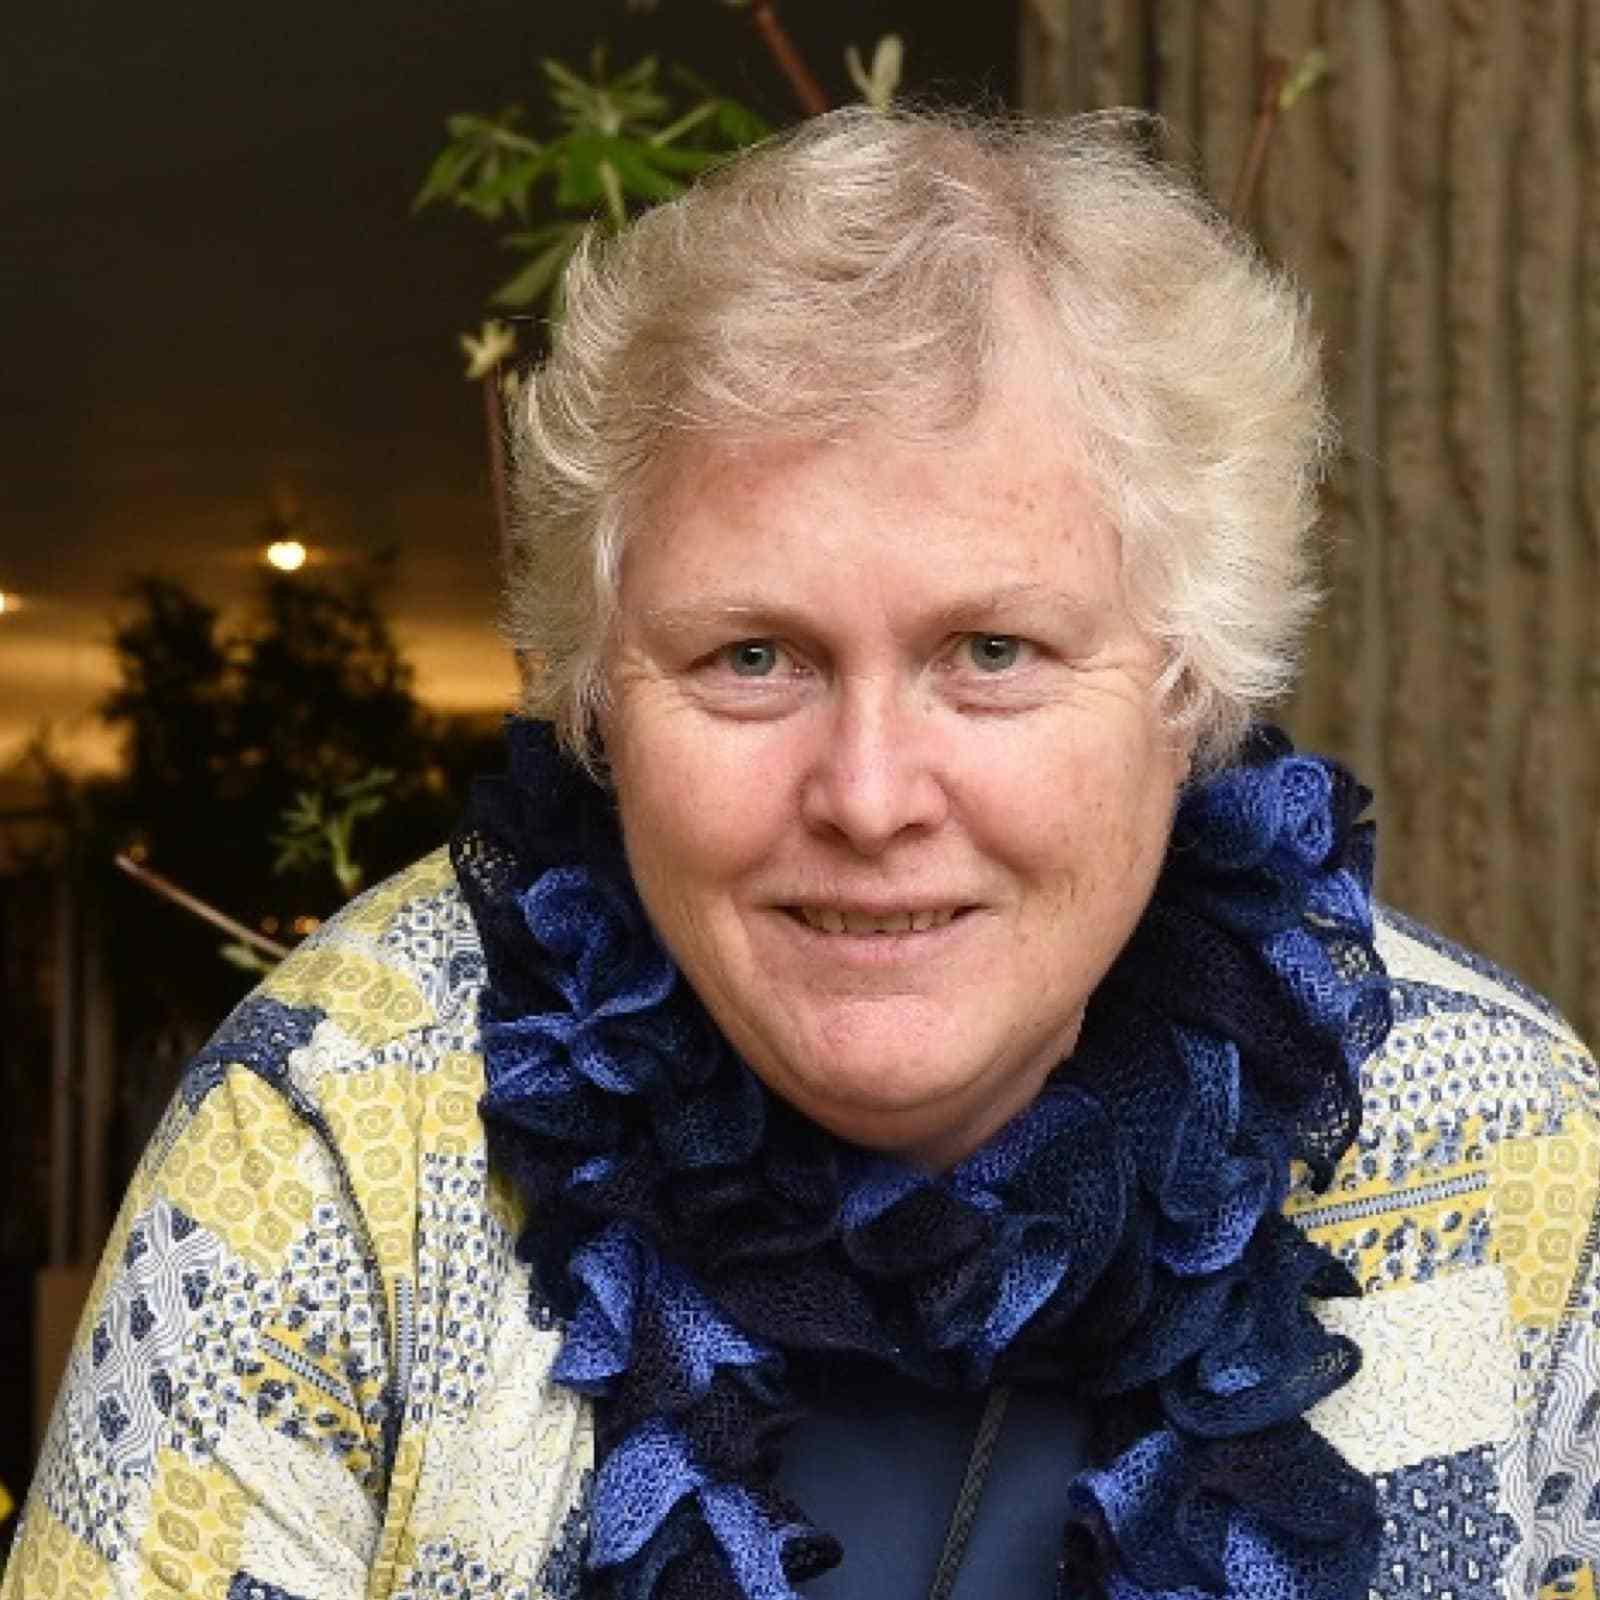 Egje Duivenvoorde - eigenaar Administratiekantoor Duivenvoorde in Noordwijkerhout